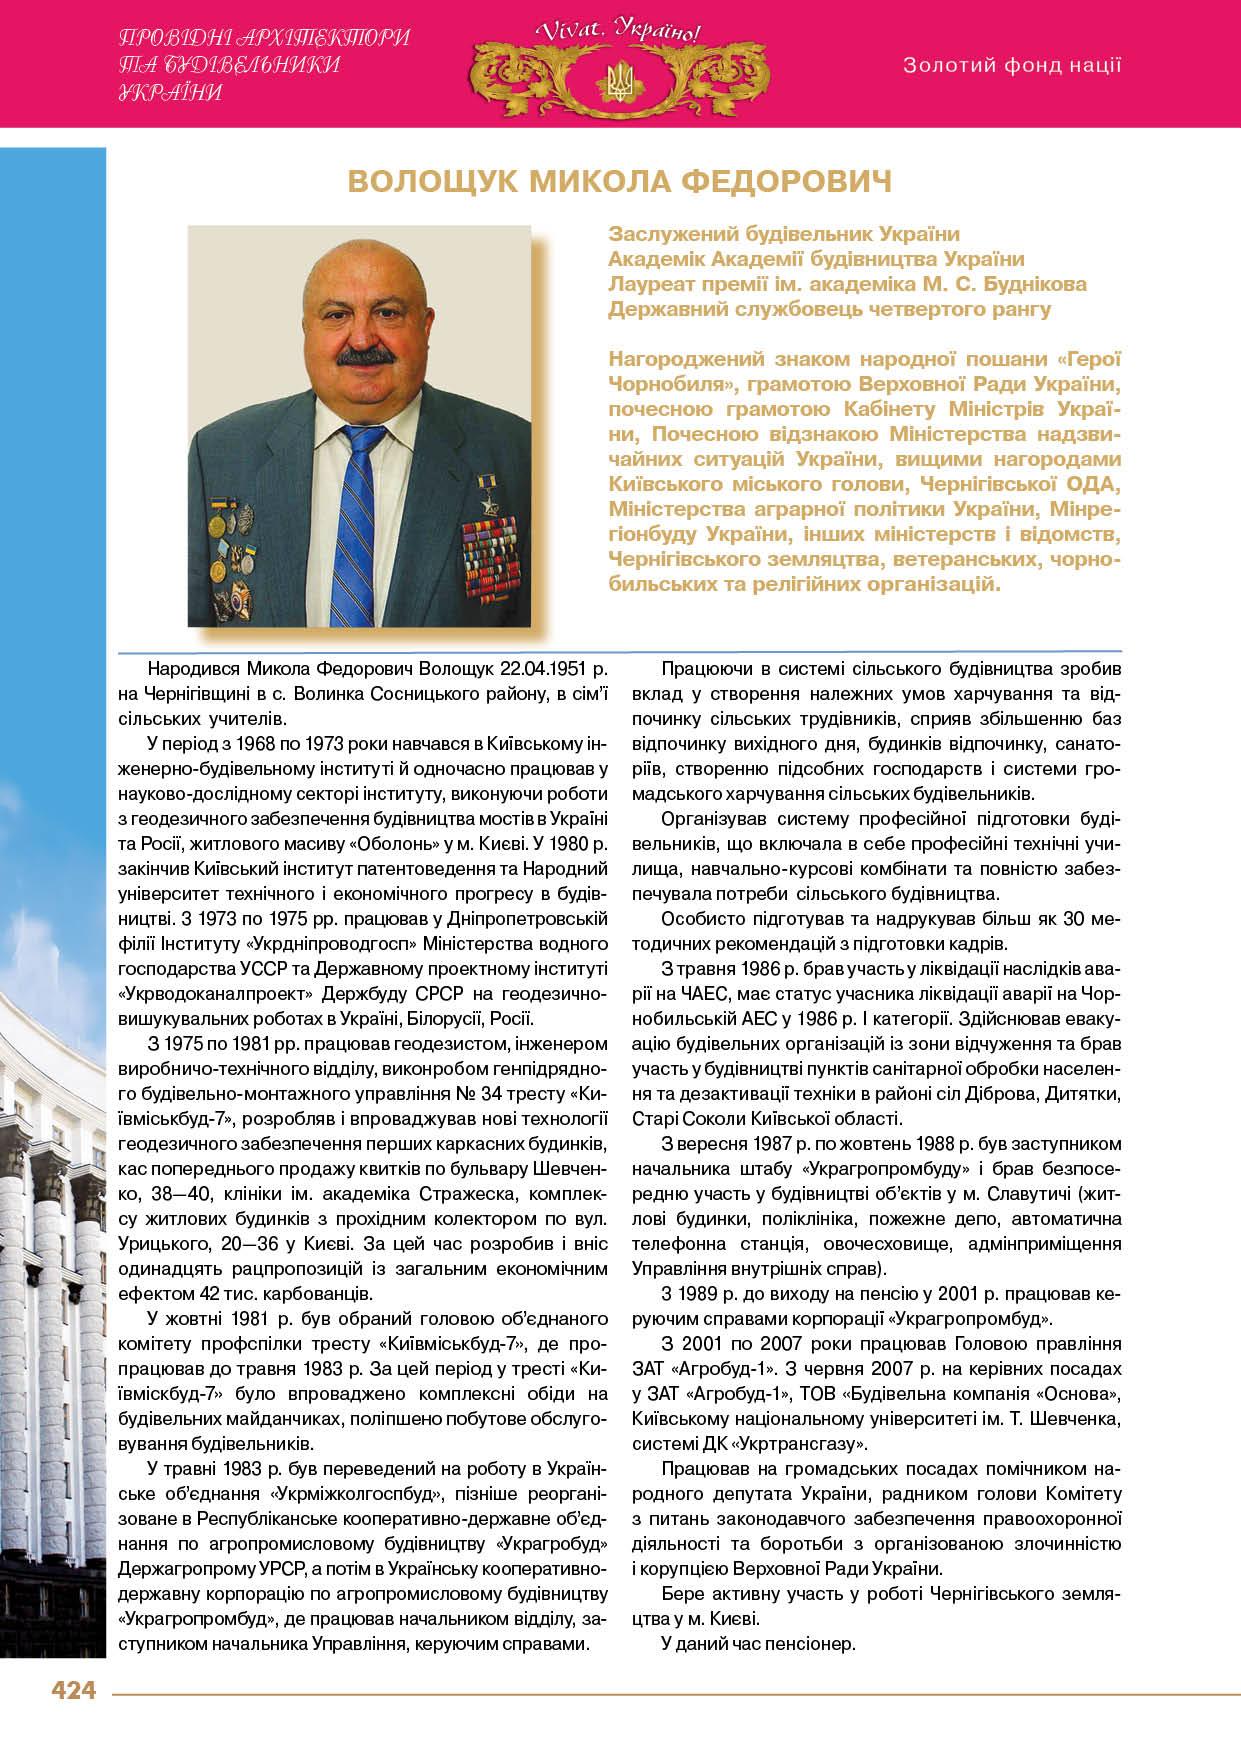 Волощук Микола Федорович